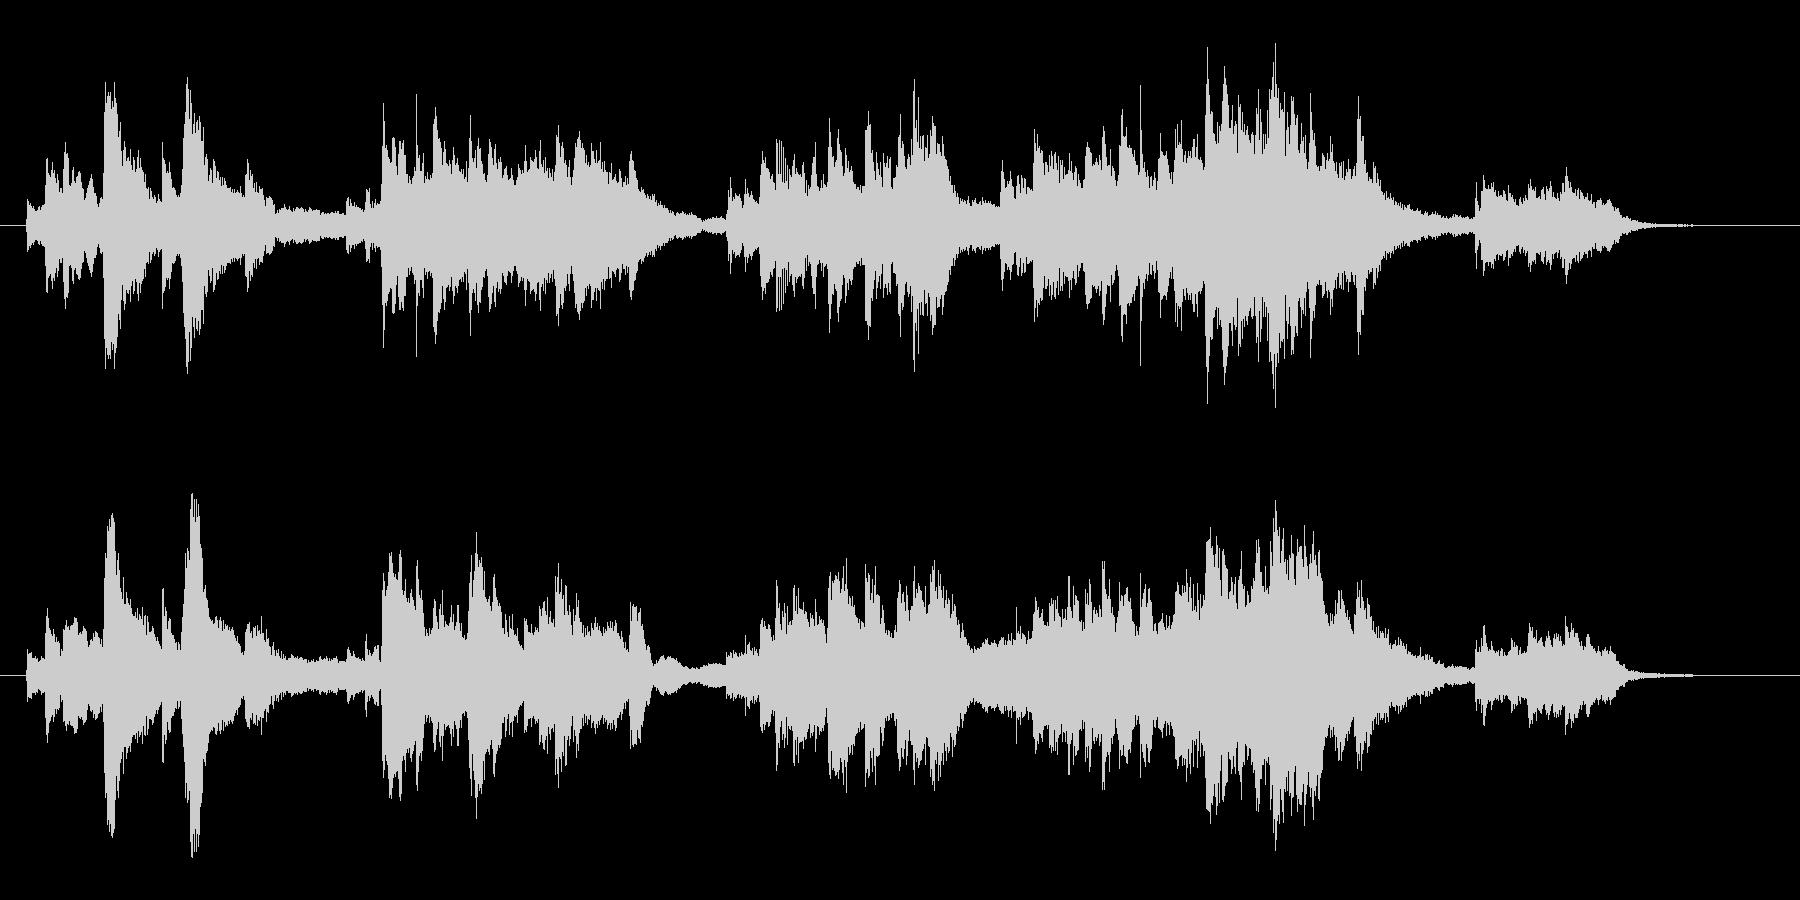 美しいバラード調ソロピアノ曲の未再生の波形